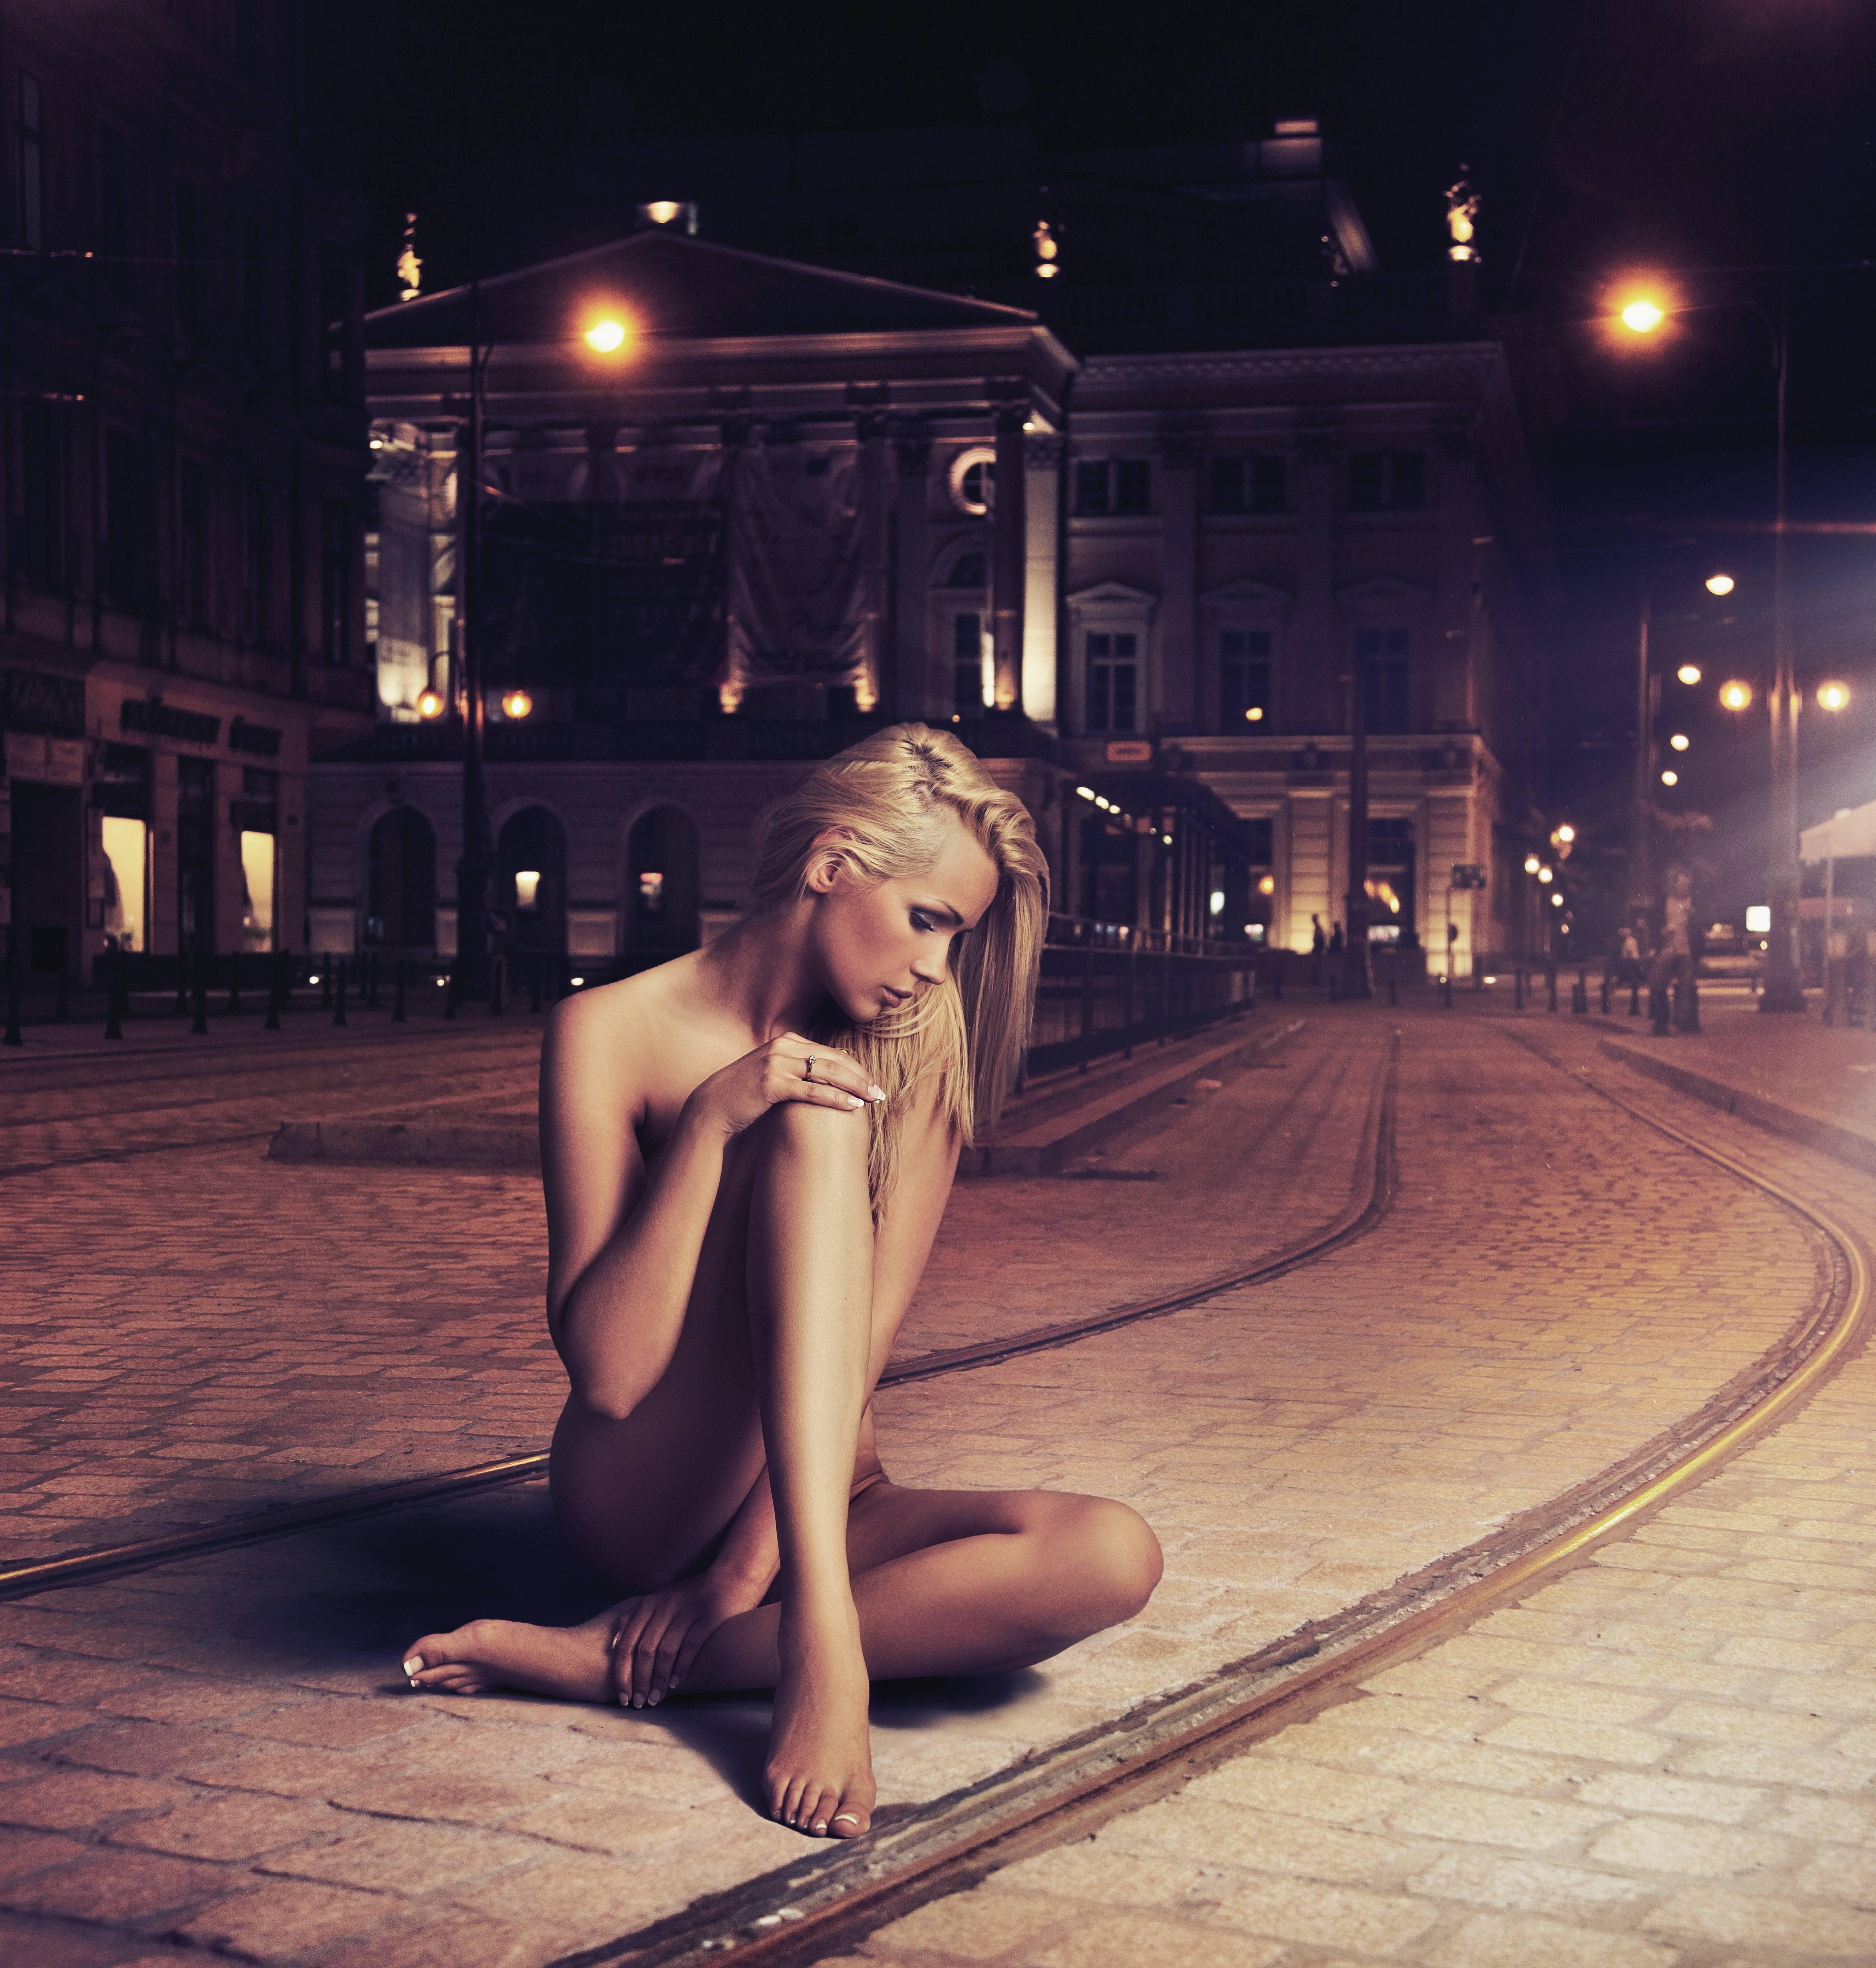 Обои трамвайный путь, ночь, девушка, ситуация